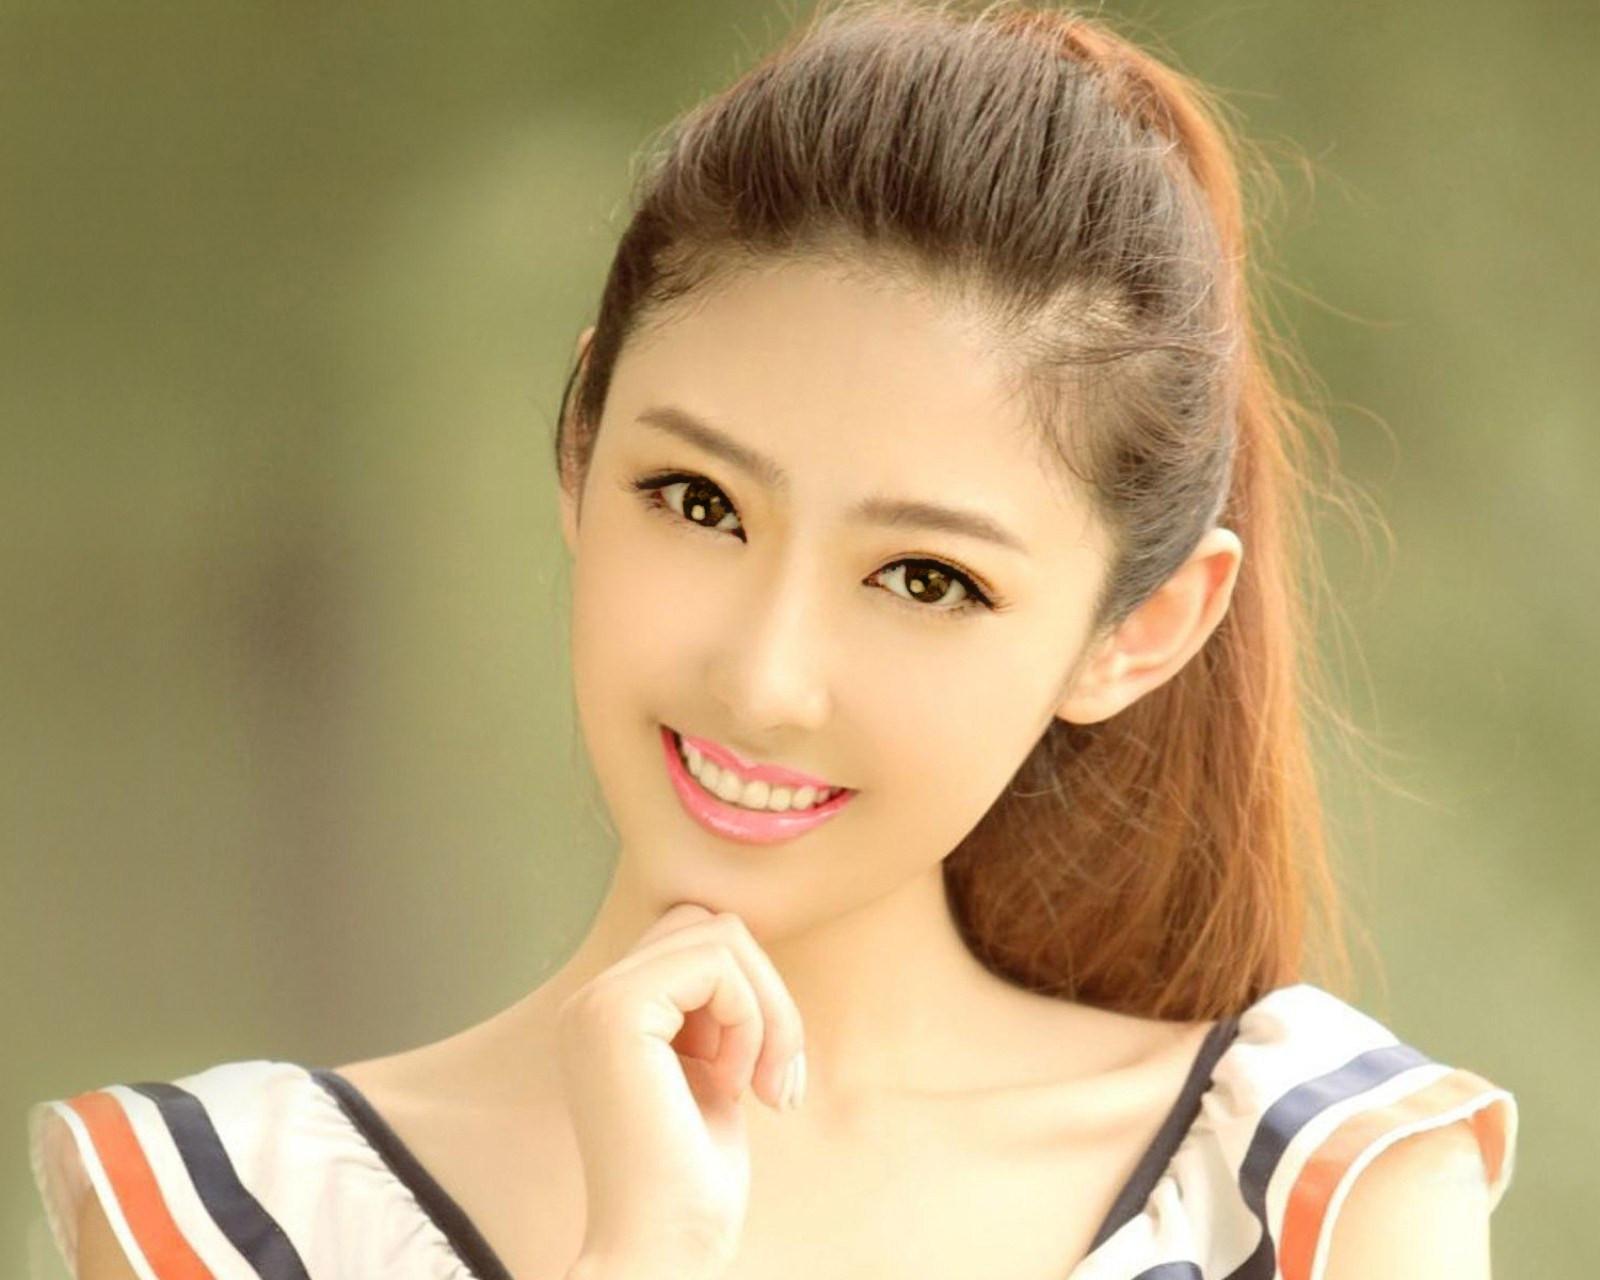 这个美女是谁啊?